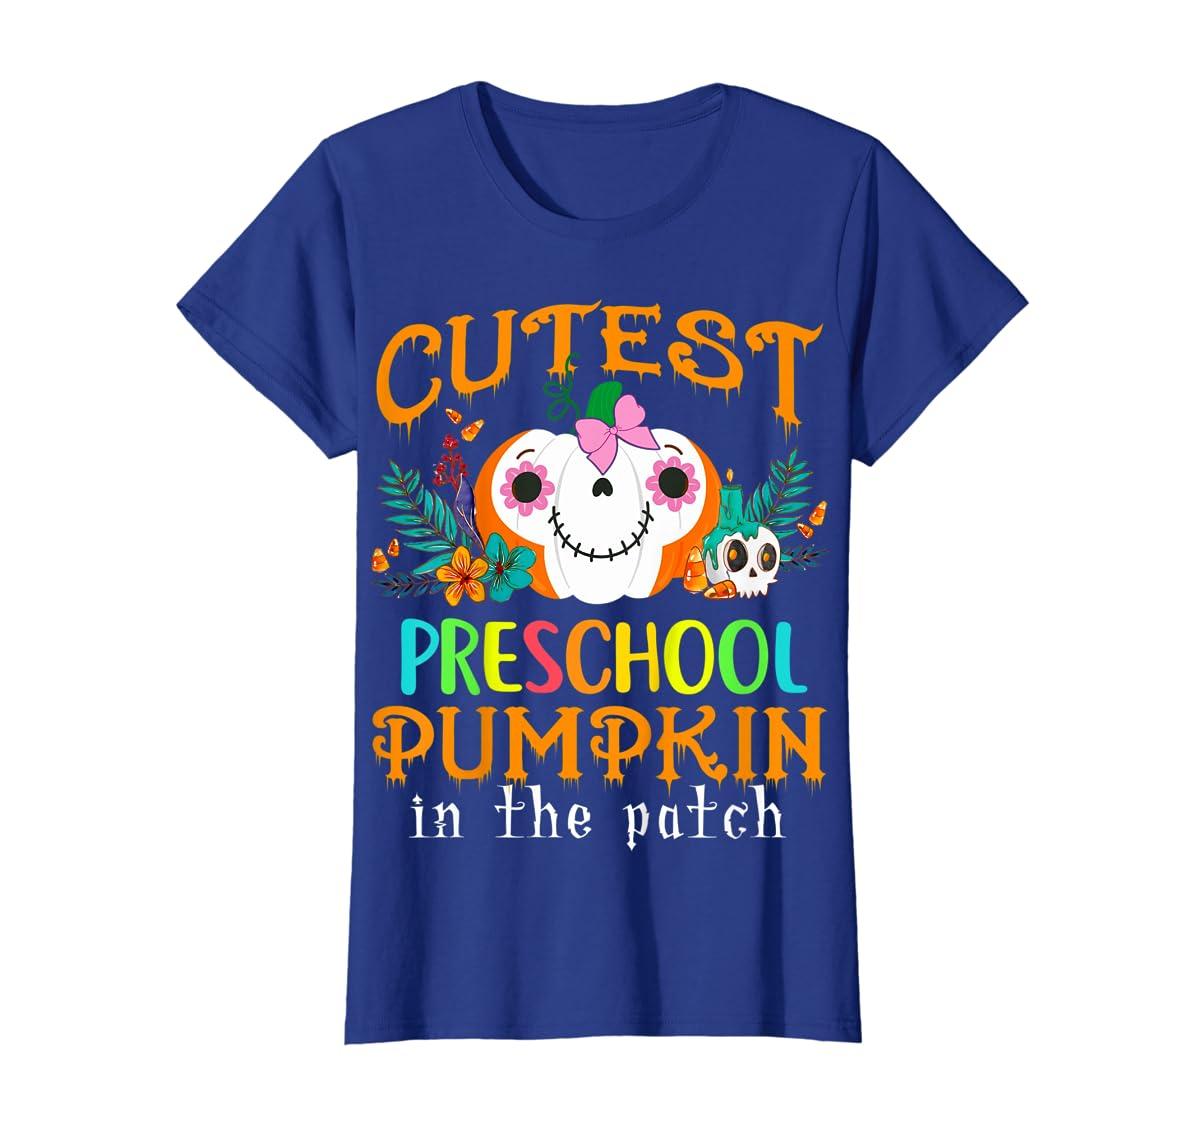 Kids Cutest Preschool Pumpkin In The Patch Halloween Costume Girl T-Shirt-Women's T-Shirt-Royal